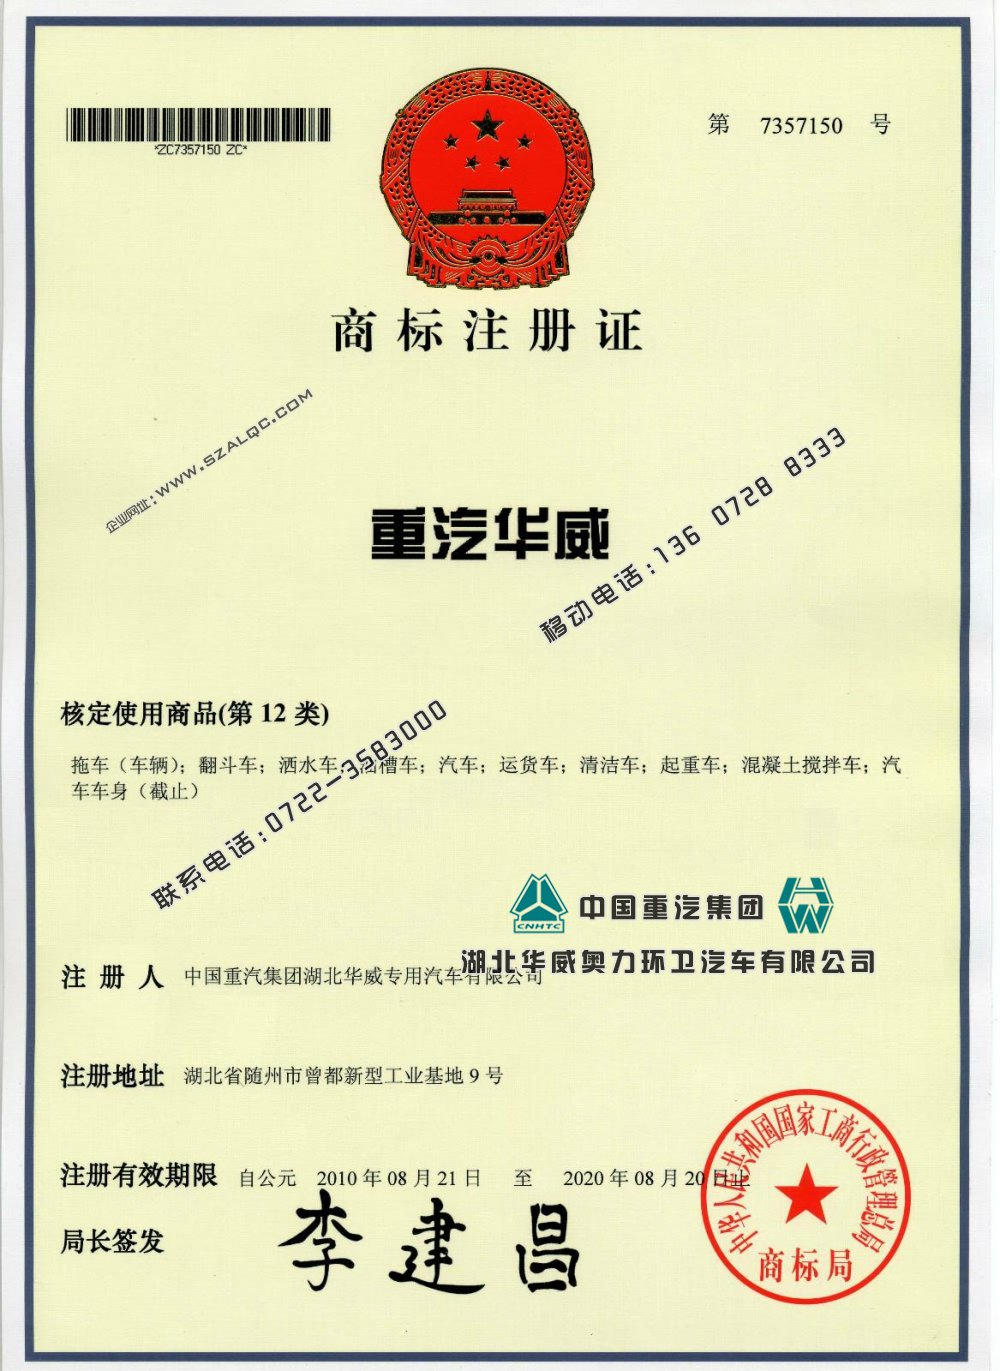 重型汽车标志-重汽华威商标注册证高清图片